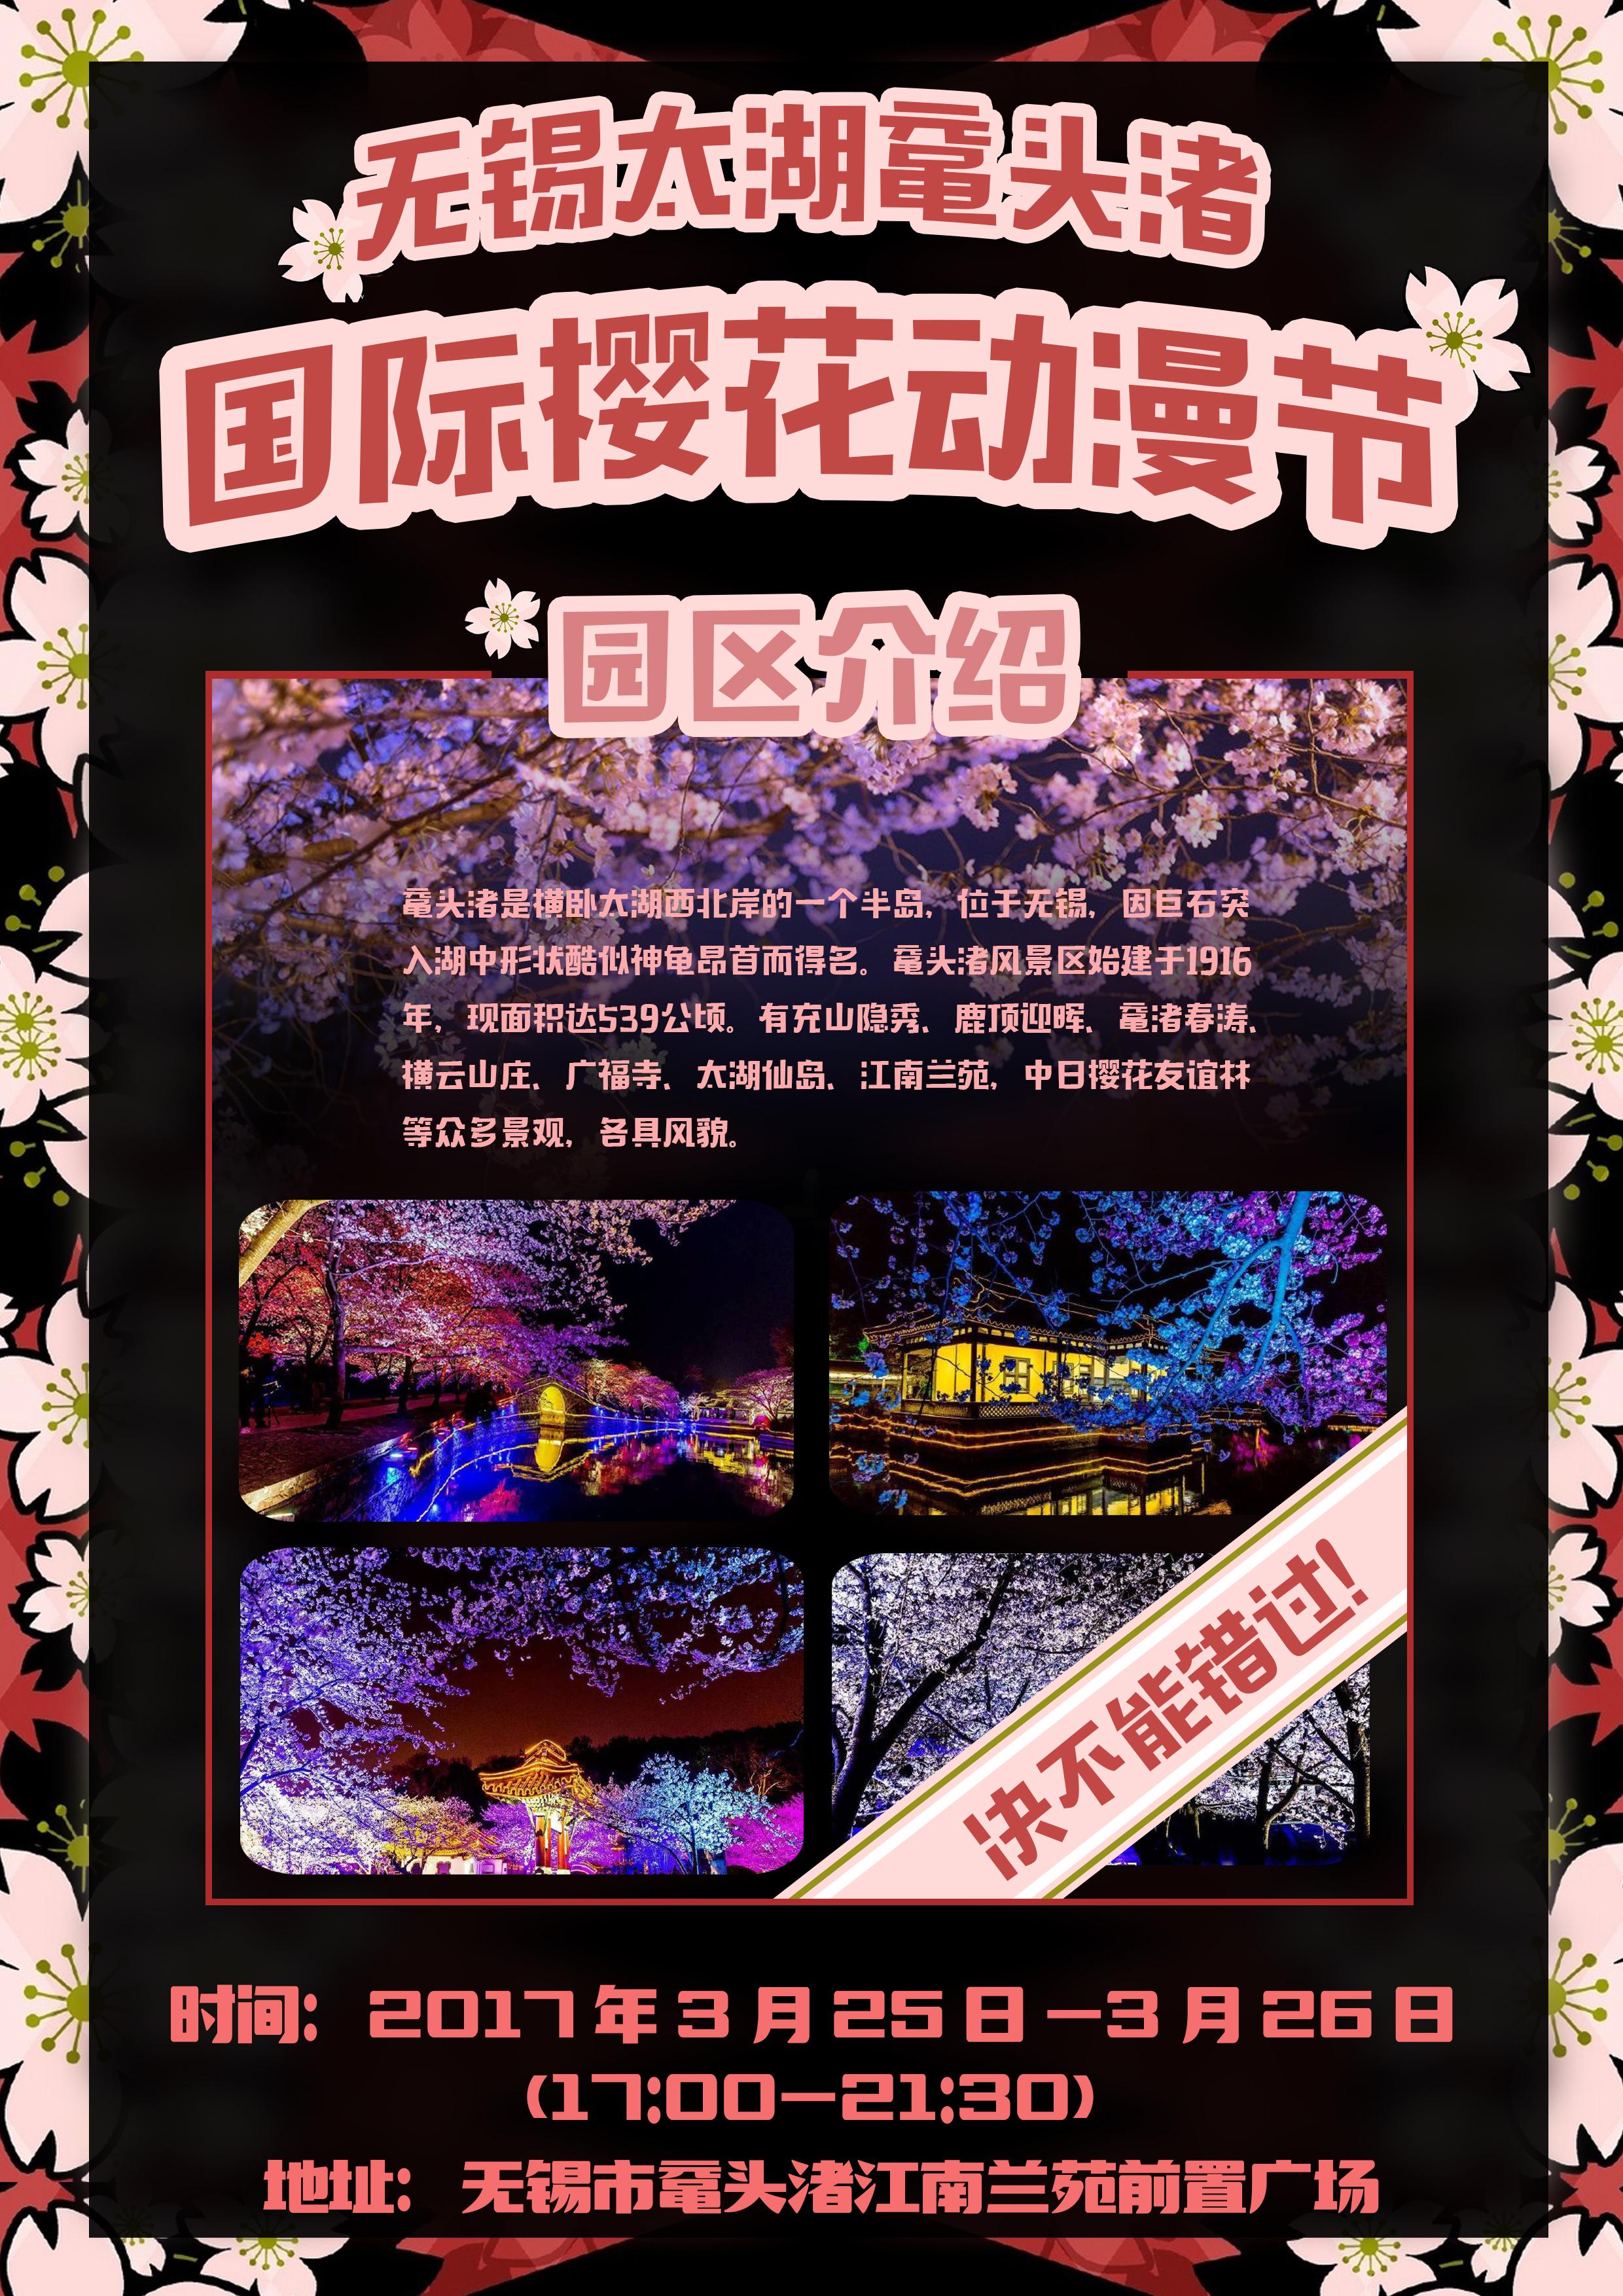 【无锡】无锡太湖鼋头渚国际樱花动漫节